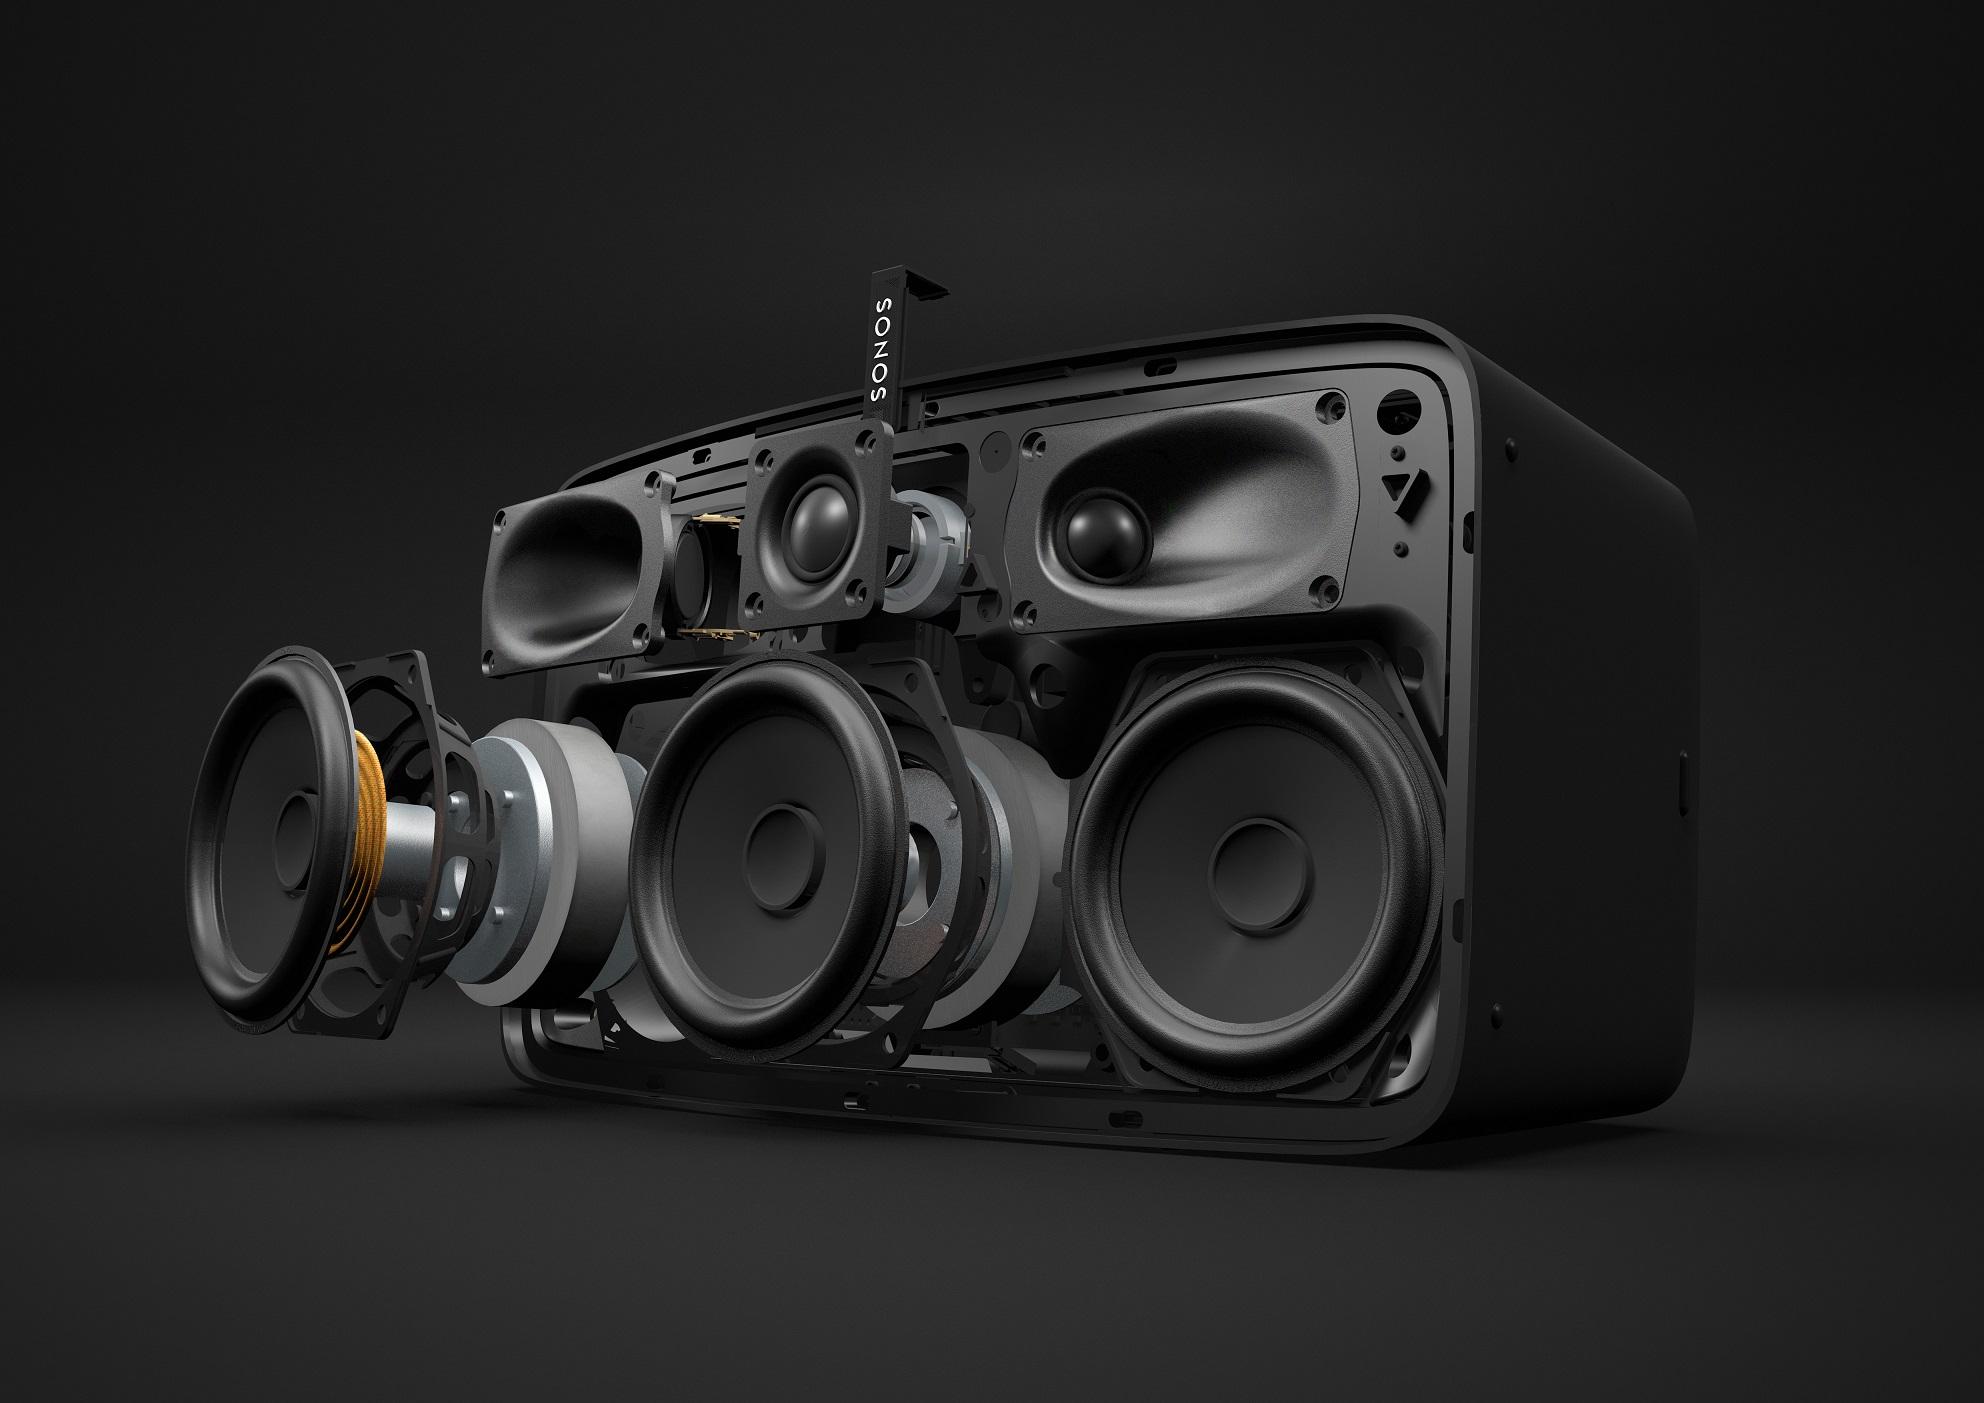 Le haut parleur est compatibe avec Deezer, Spotify, Tidal, Google, etc.